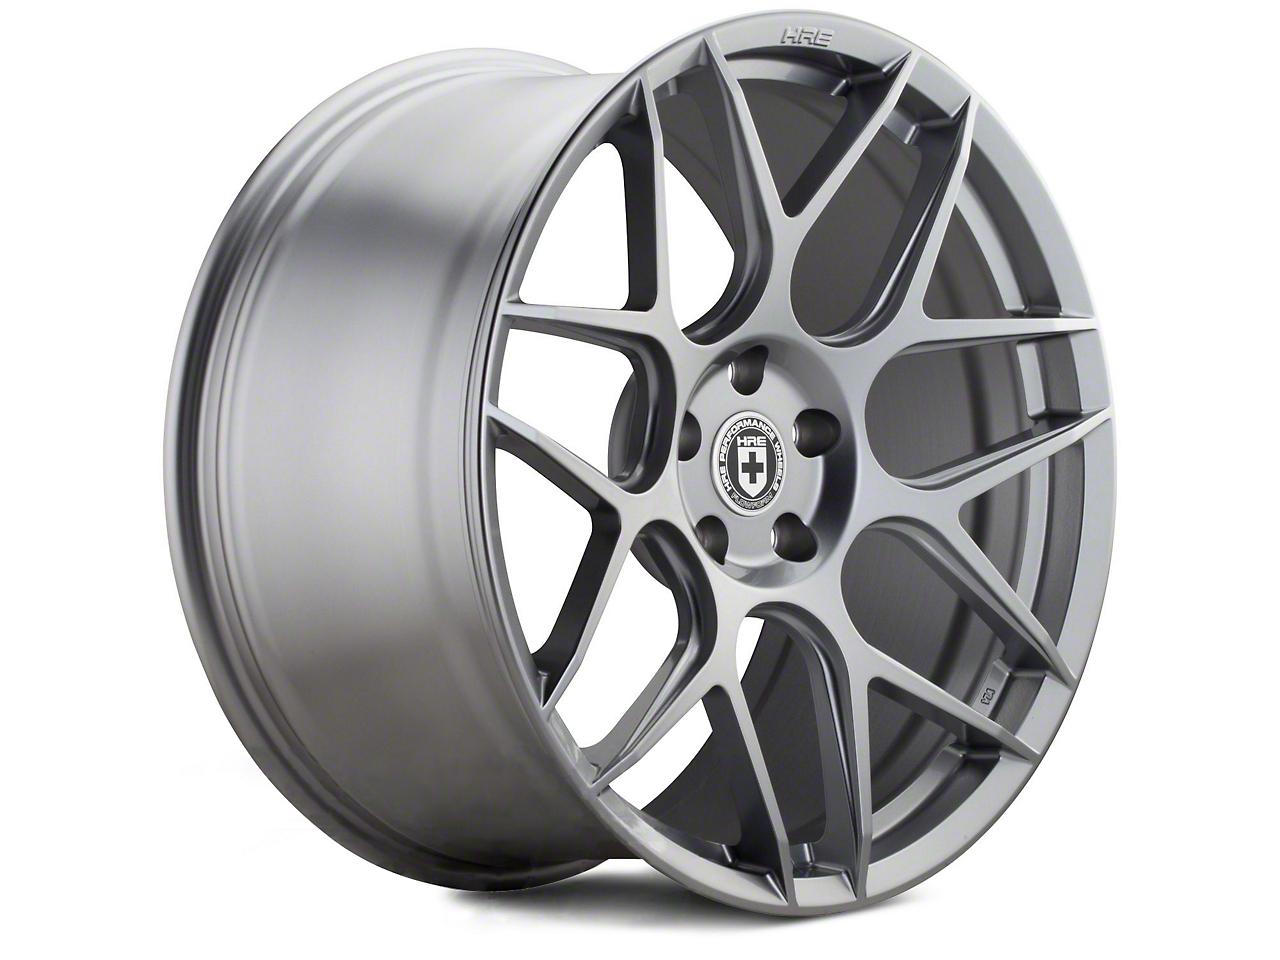 HRE Flowform FF01 Liquid Silver Wheel - 20x9.5 (15-16 All)